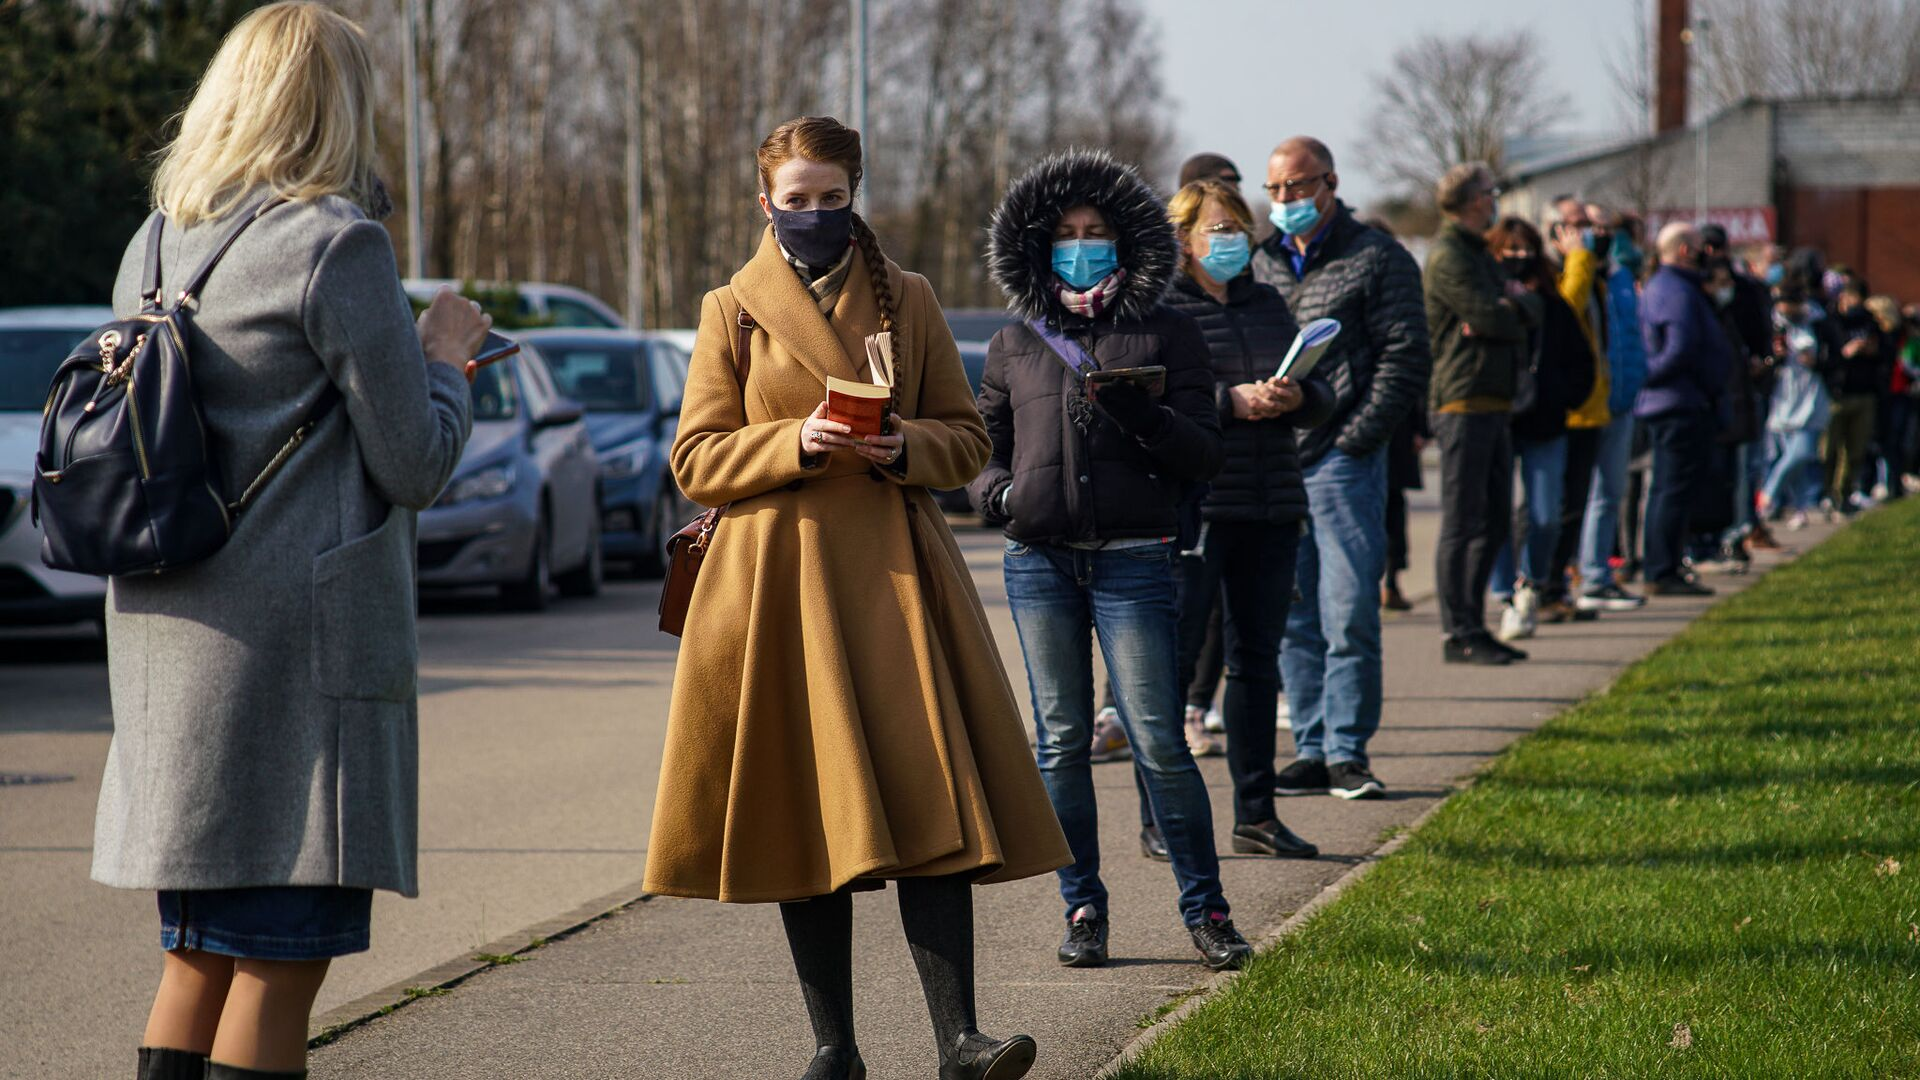 Люди стоят в очереди на прививку от COVID-19 в Риге - Sputnik Латвия, 1920, 29.06.2021